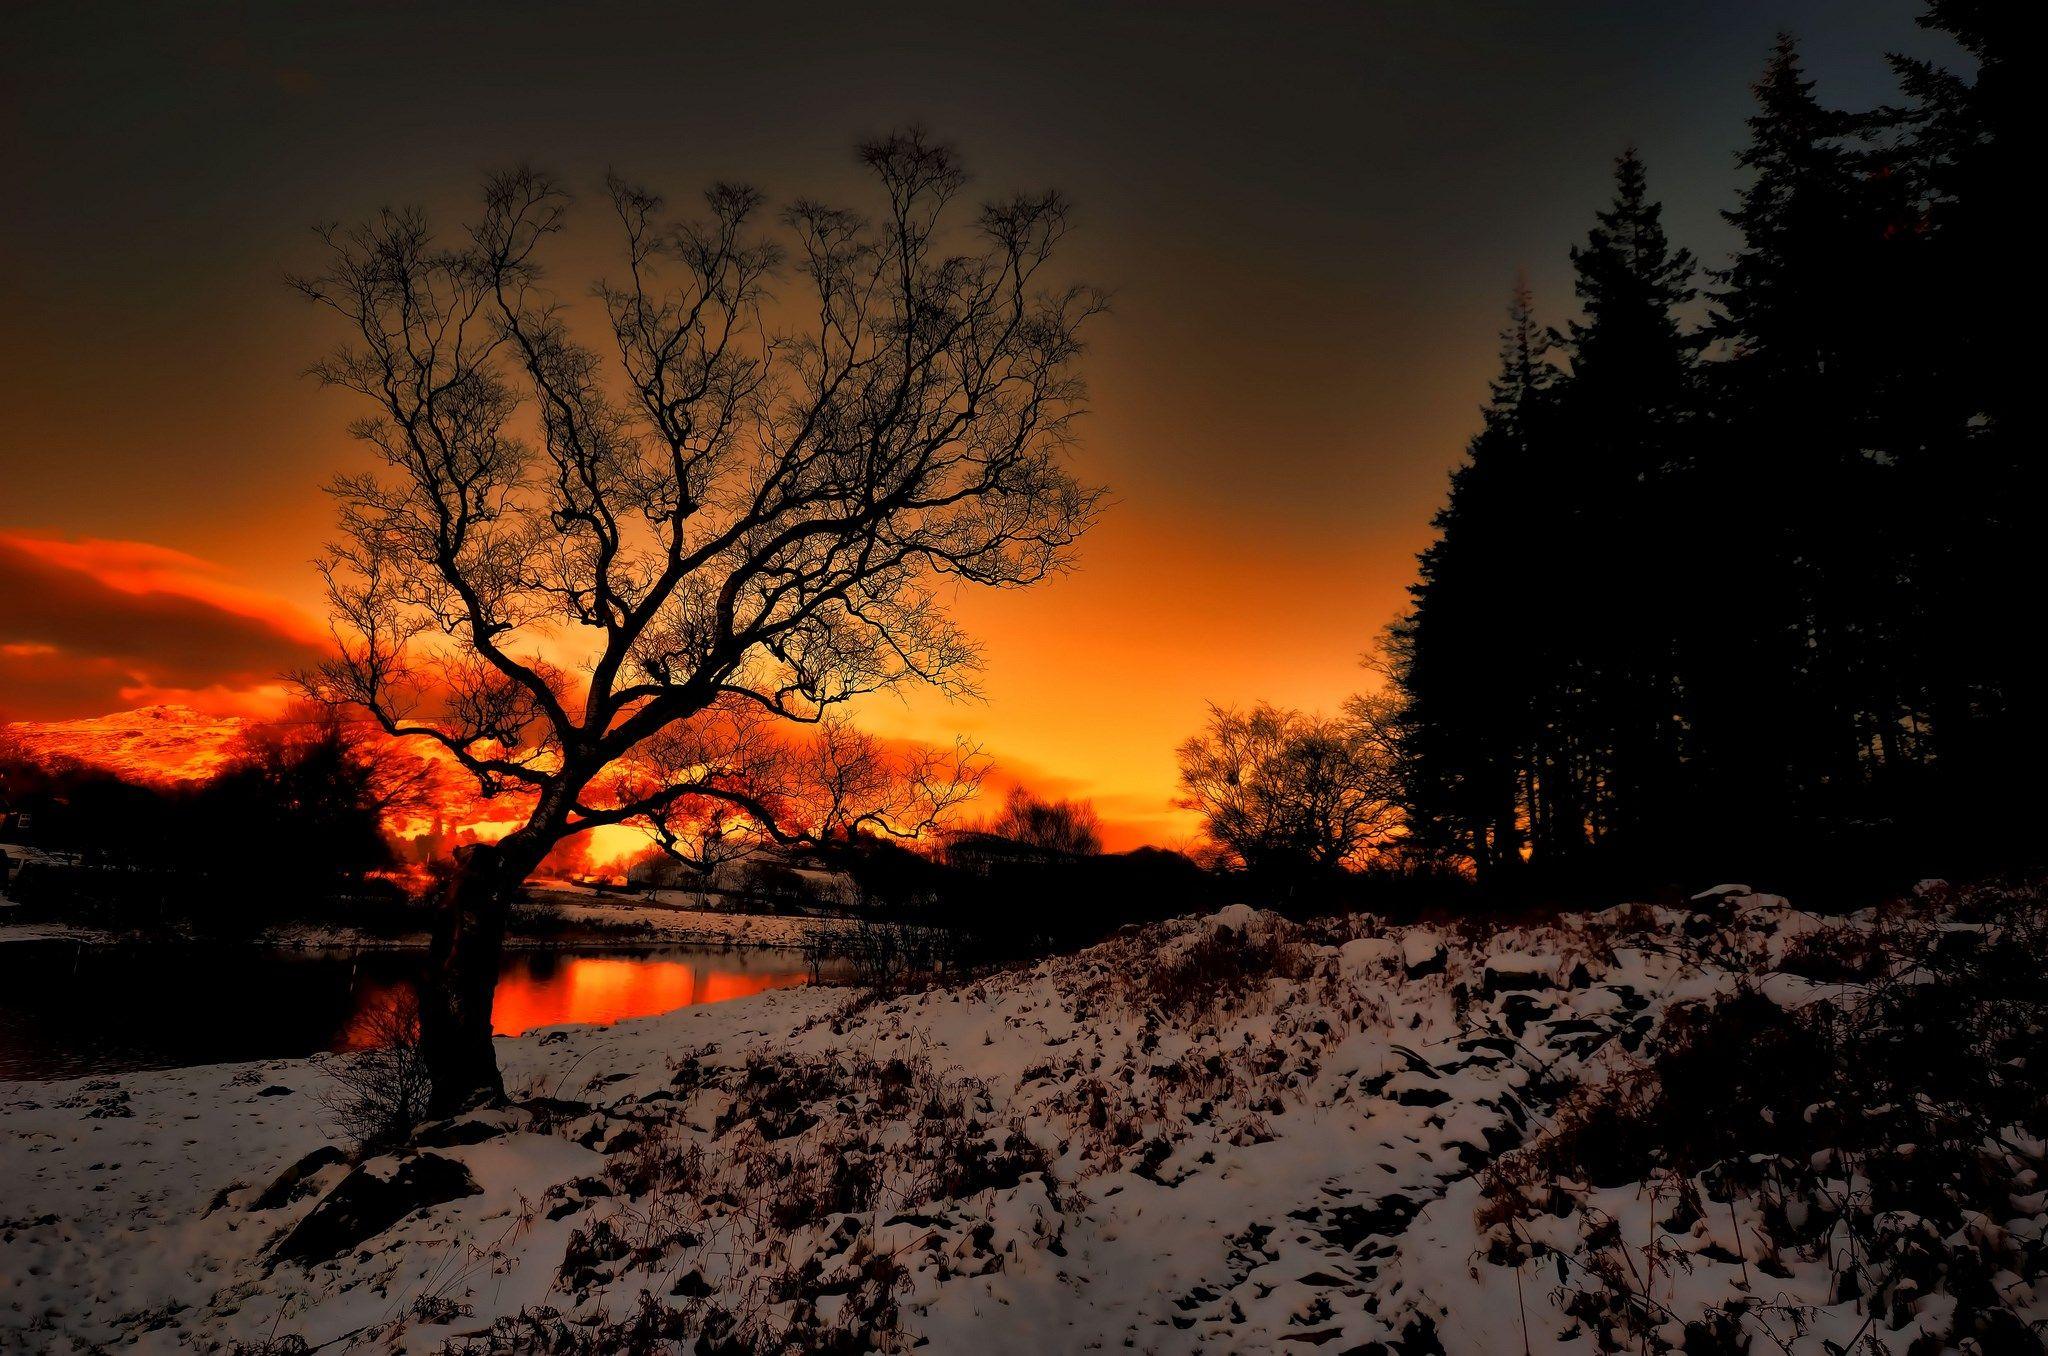 hd wallpaper tree Winter sunset, Sunset, Sunset wallpaper